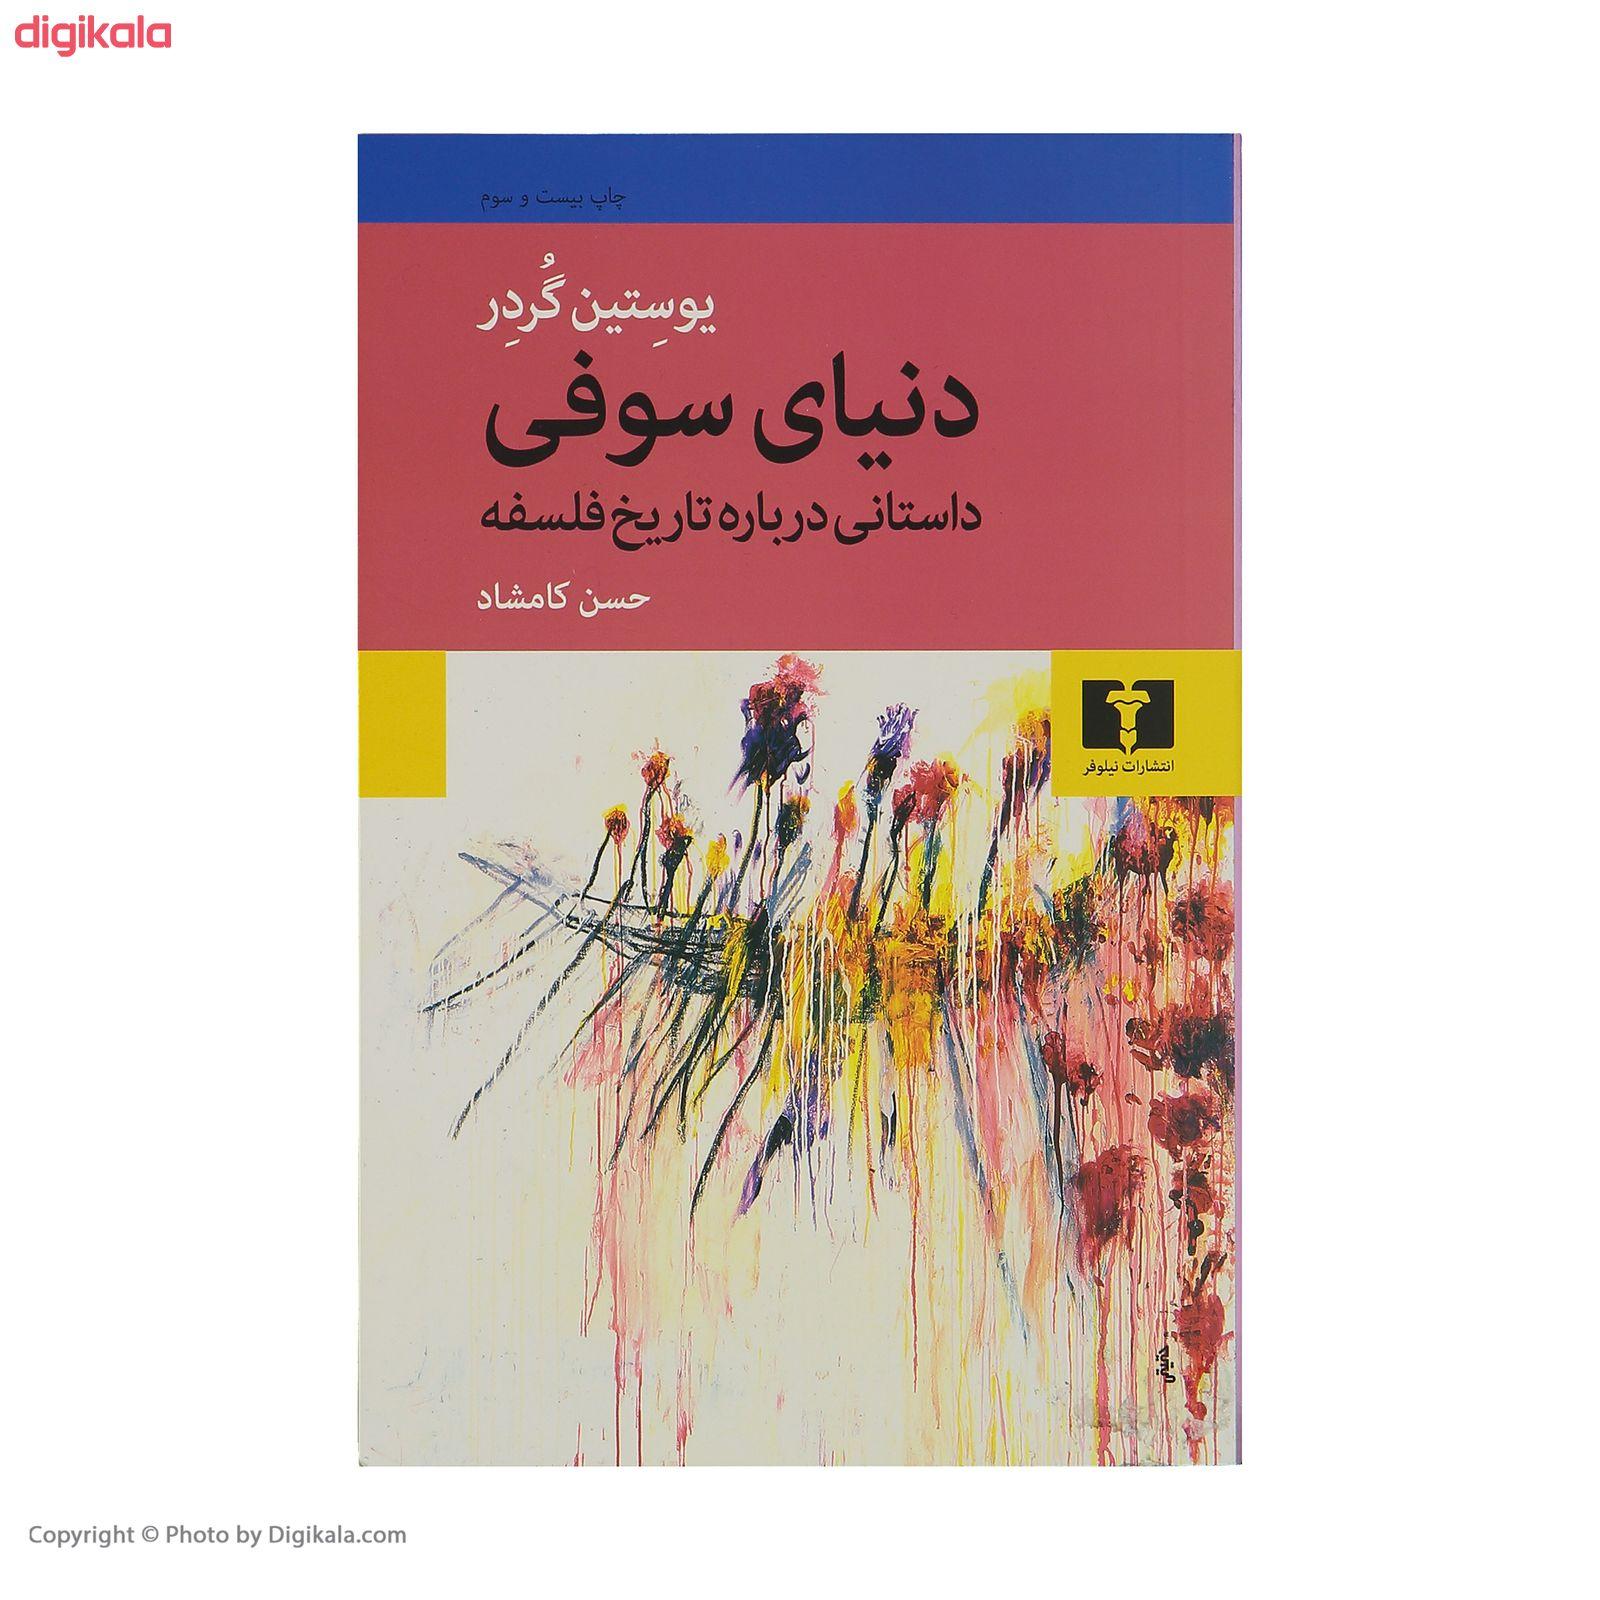 کتاب دنیای سوفی اثر یوستین گردر انتشارات نیلوفر چاپ بیست و سوم  main 1 1